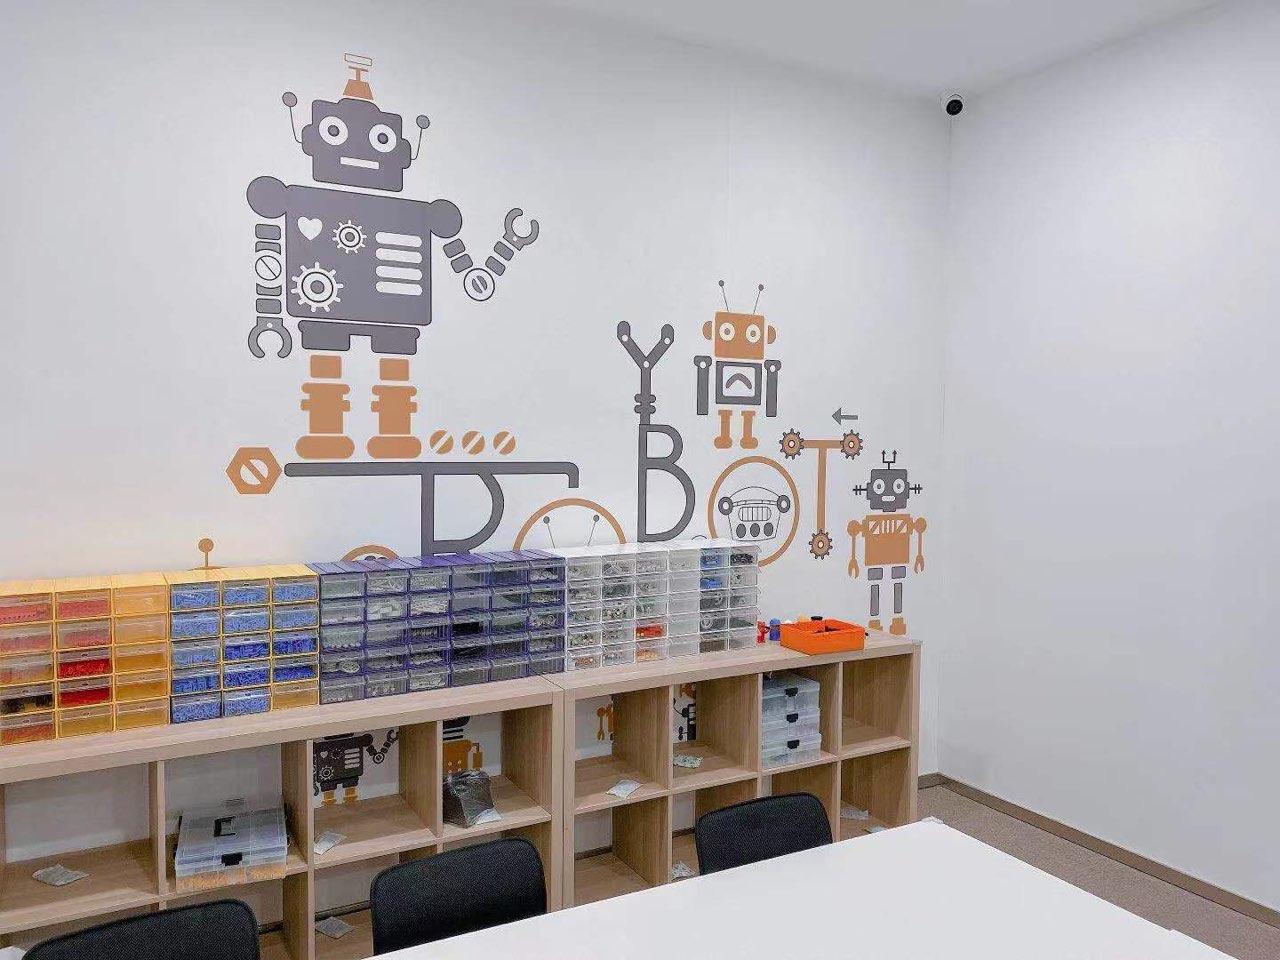 动力猫机器人编程教育